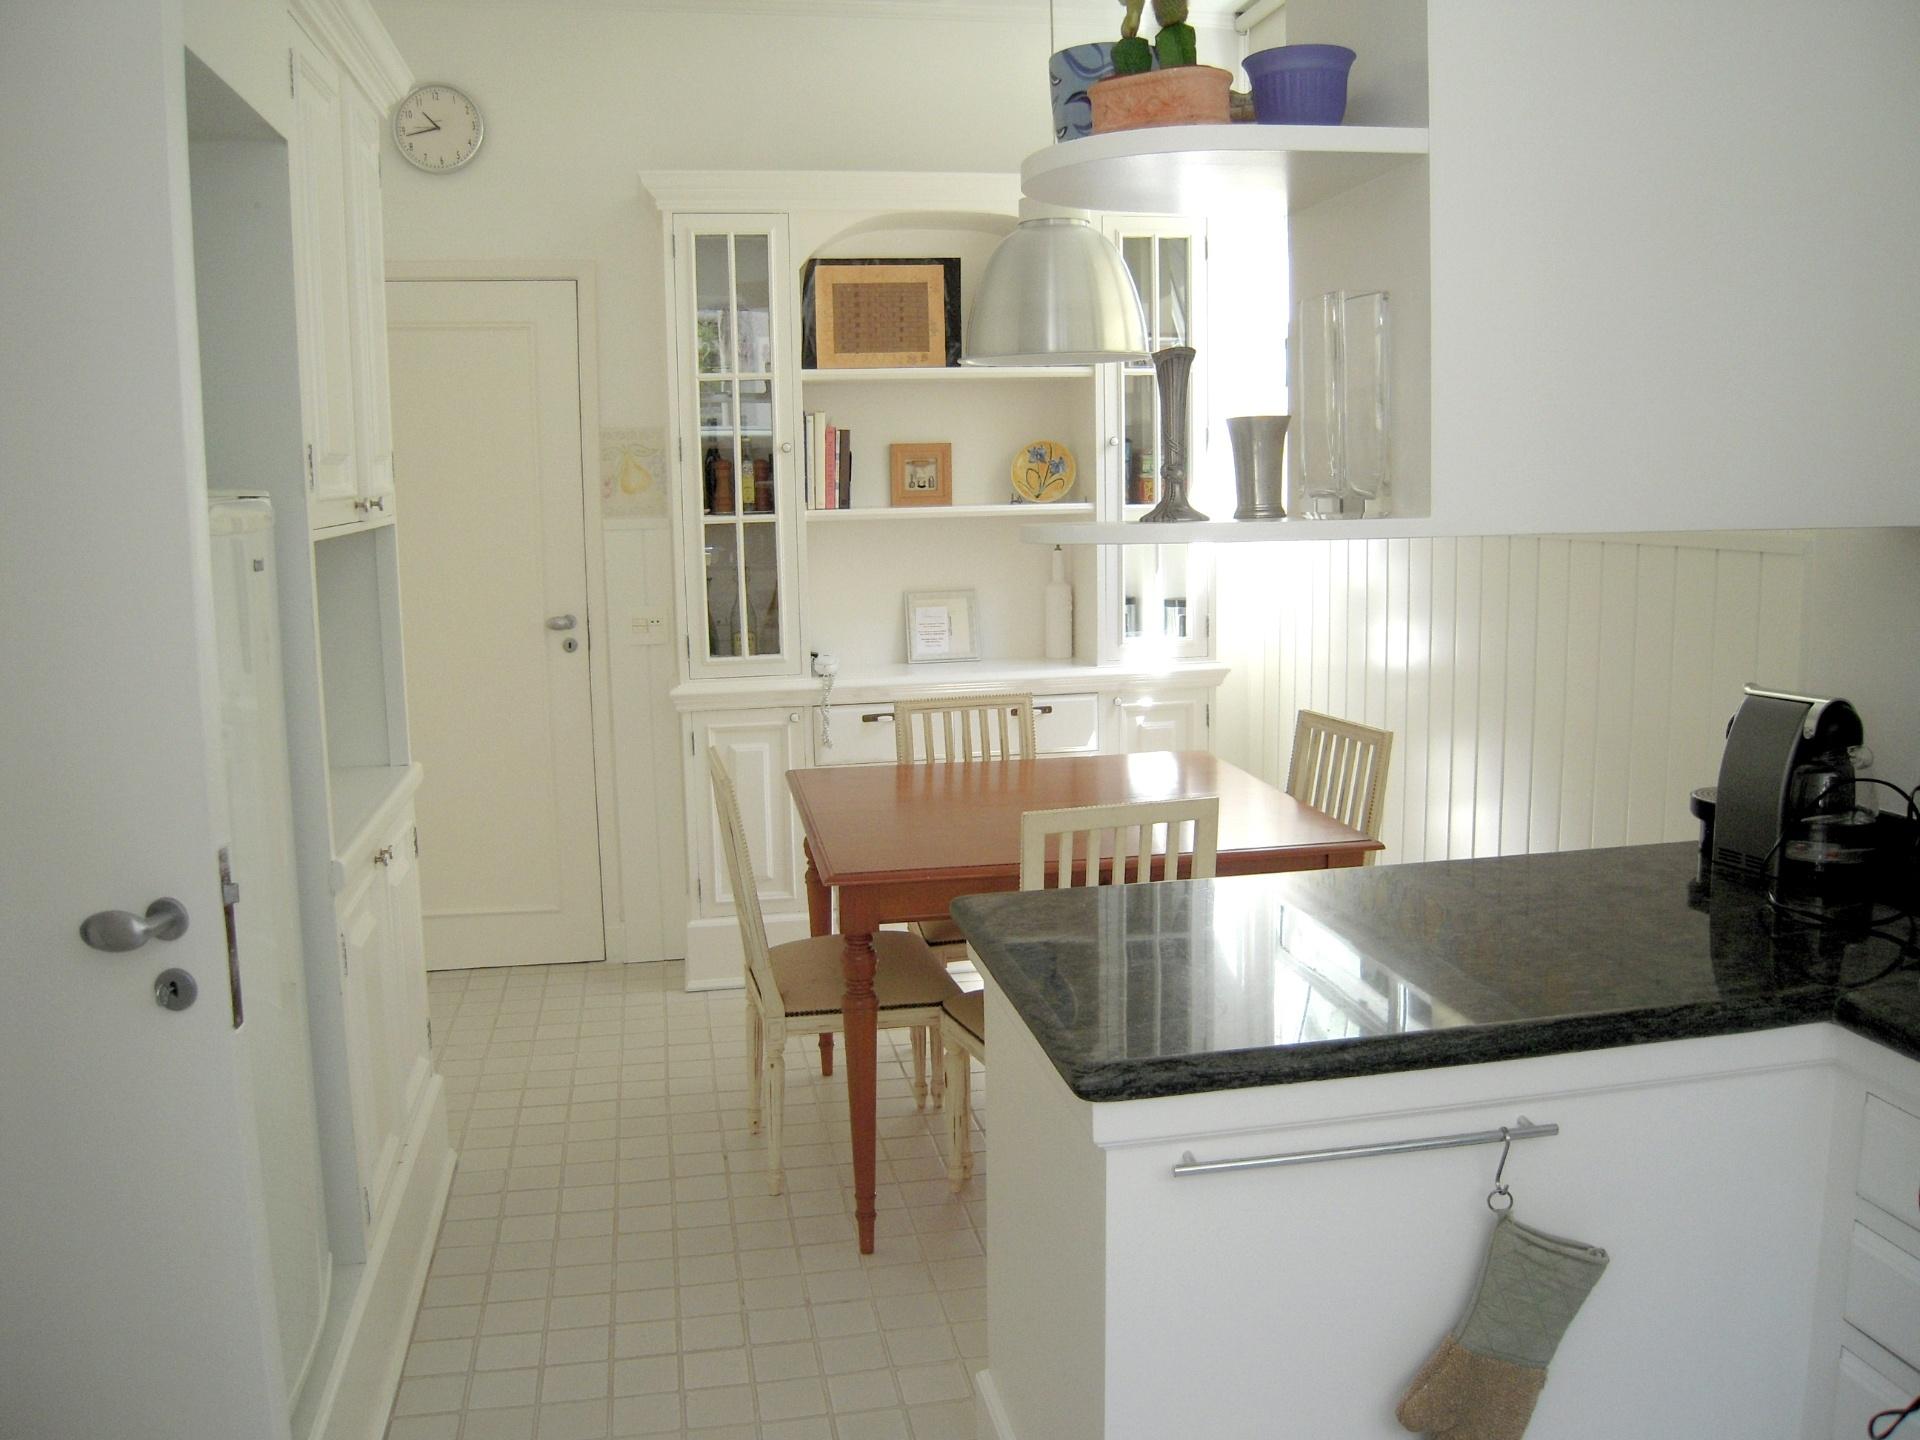 designers de interiores Fabiana Visacro e Laura Santos da VS Design  #63422E 1920 1440